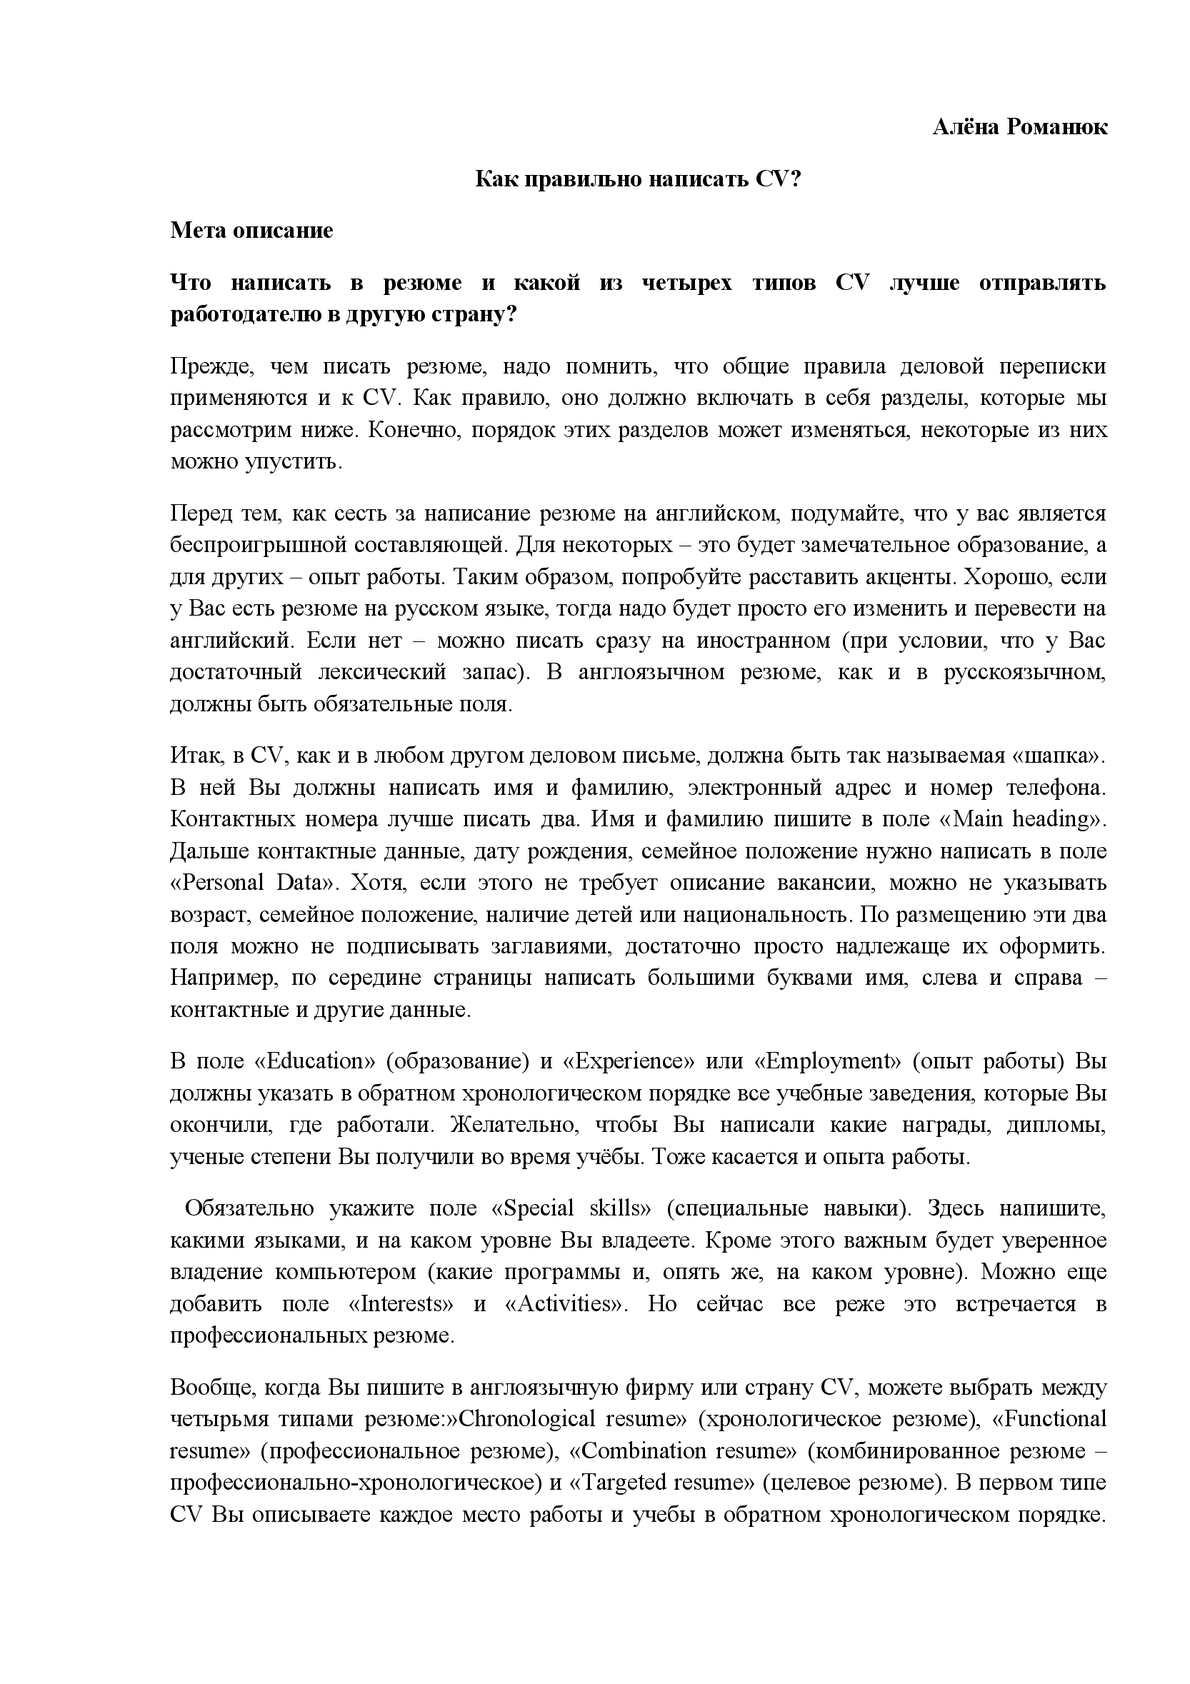 cover letter cjasn